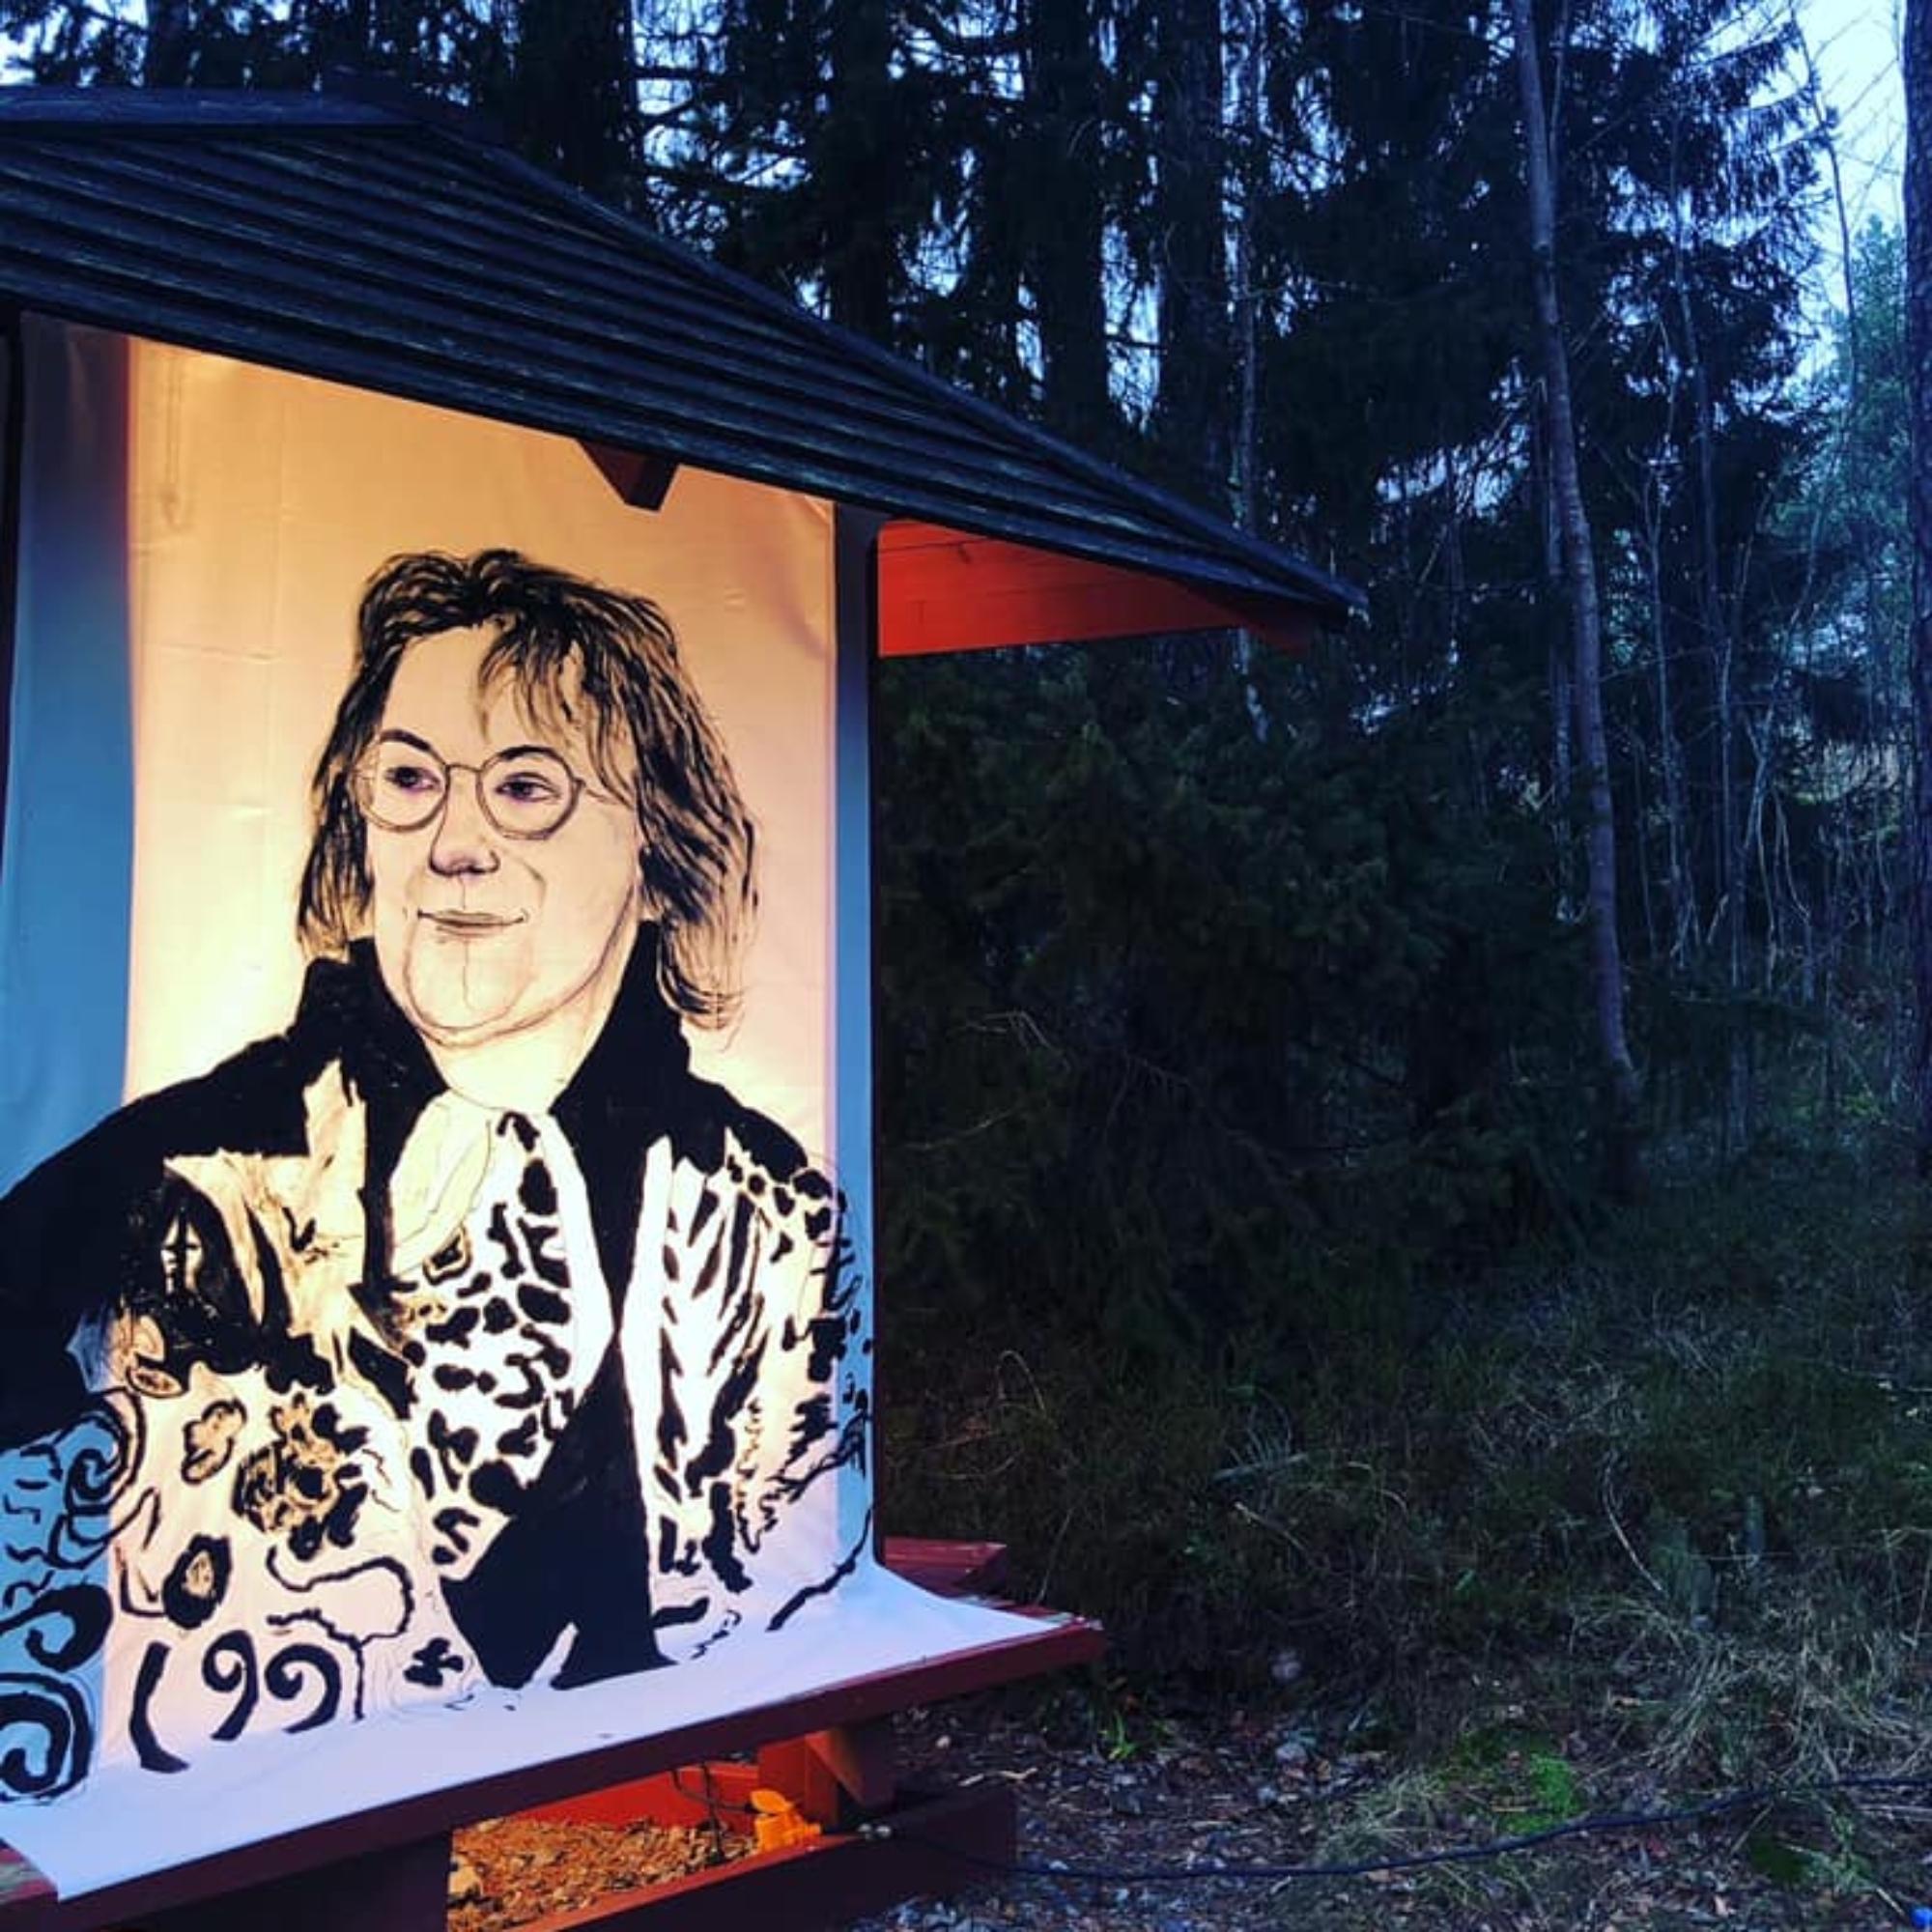 Kirkkonummen kuvataidekoulun jättilyhty, johon oppilaat ovat maalanneet entisen opettajansa Ritva Fredrikssonin muotokuvan.